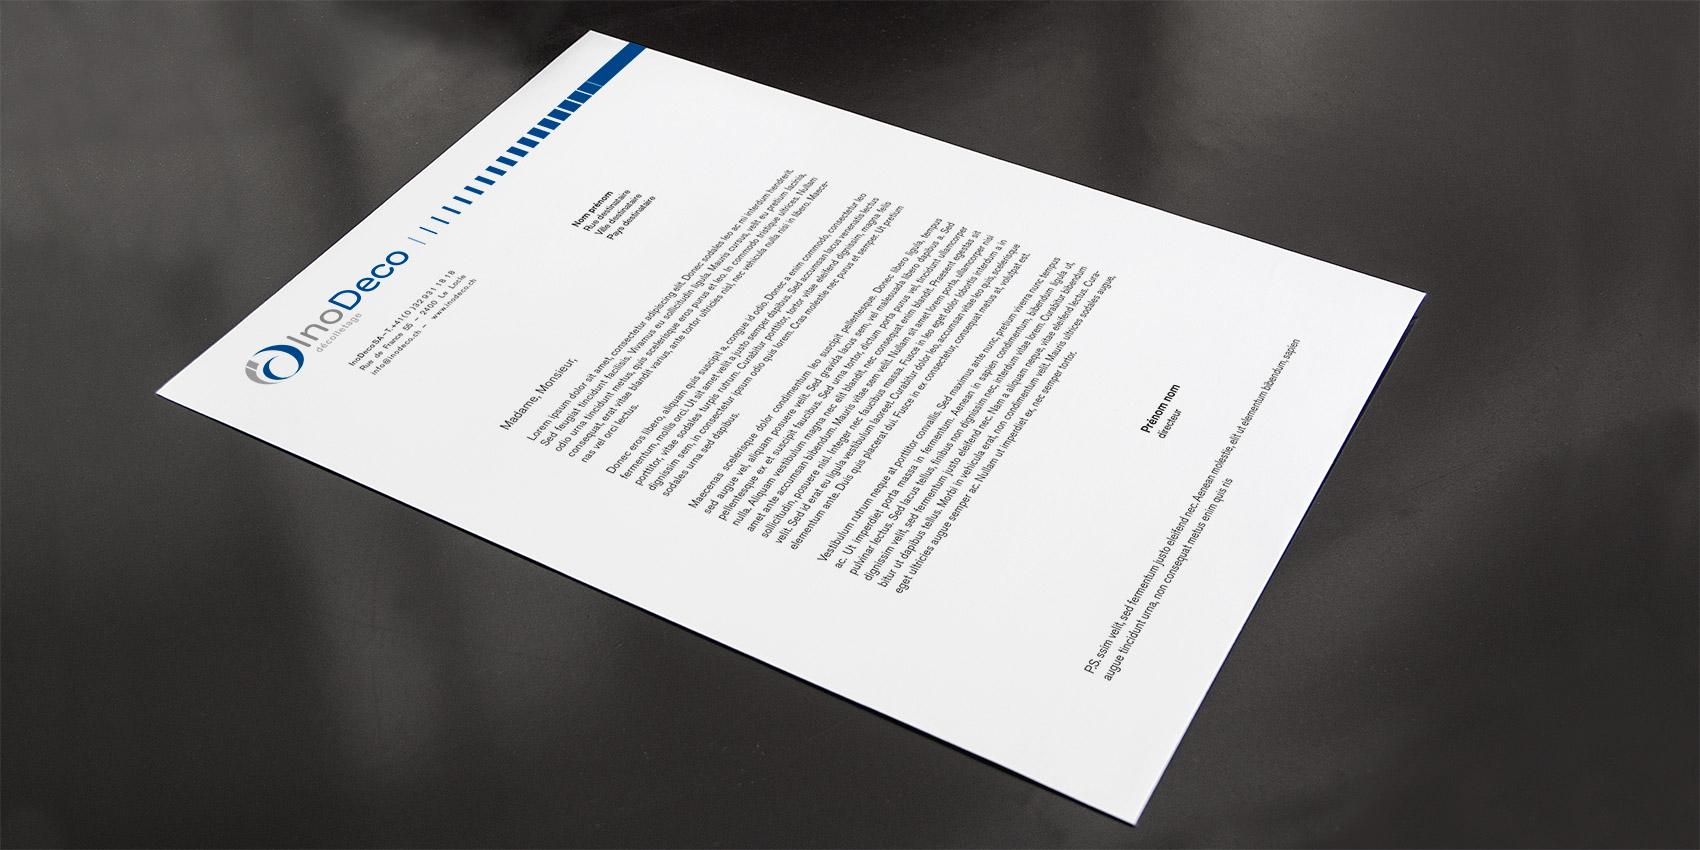 Inodeco - entête de lettre A4 - B12communication, communication et graphisme